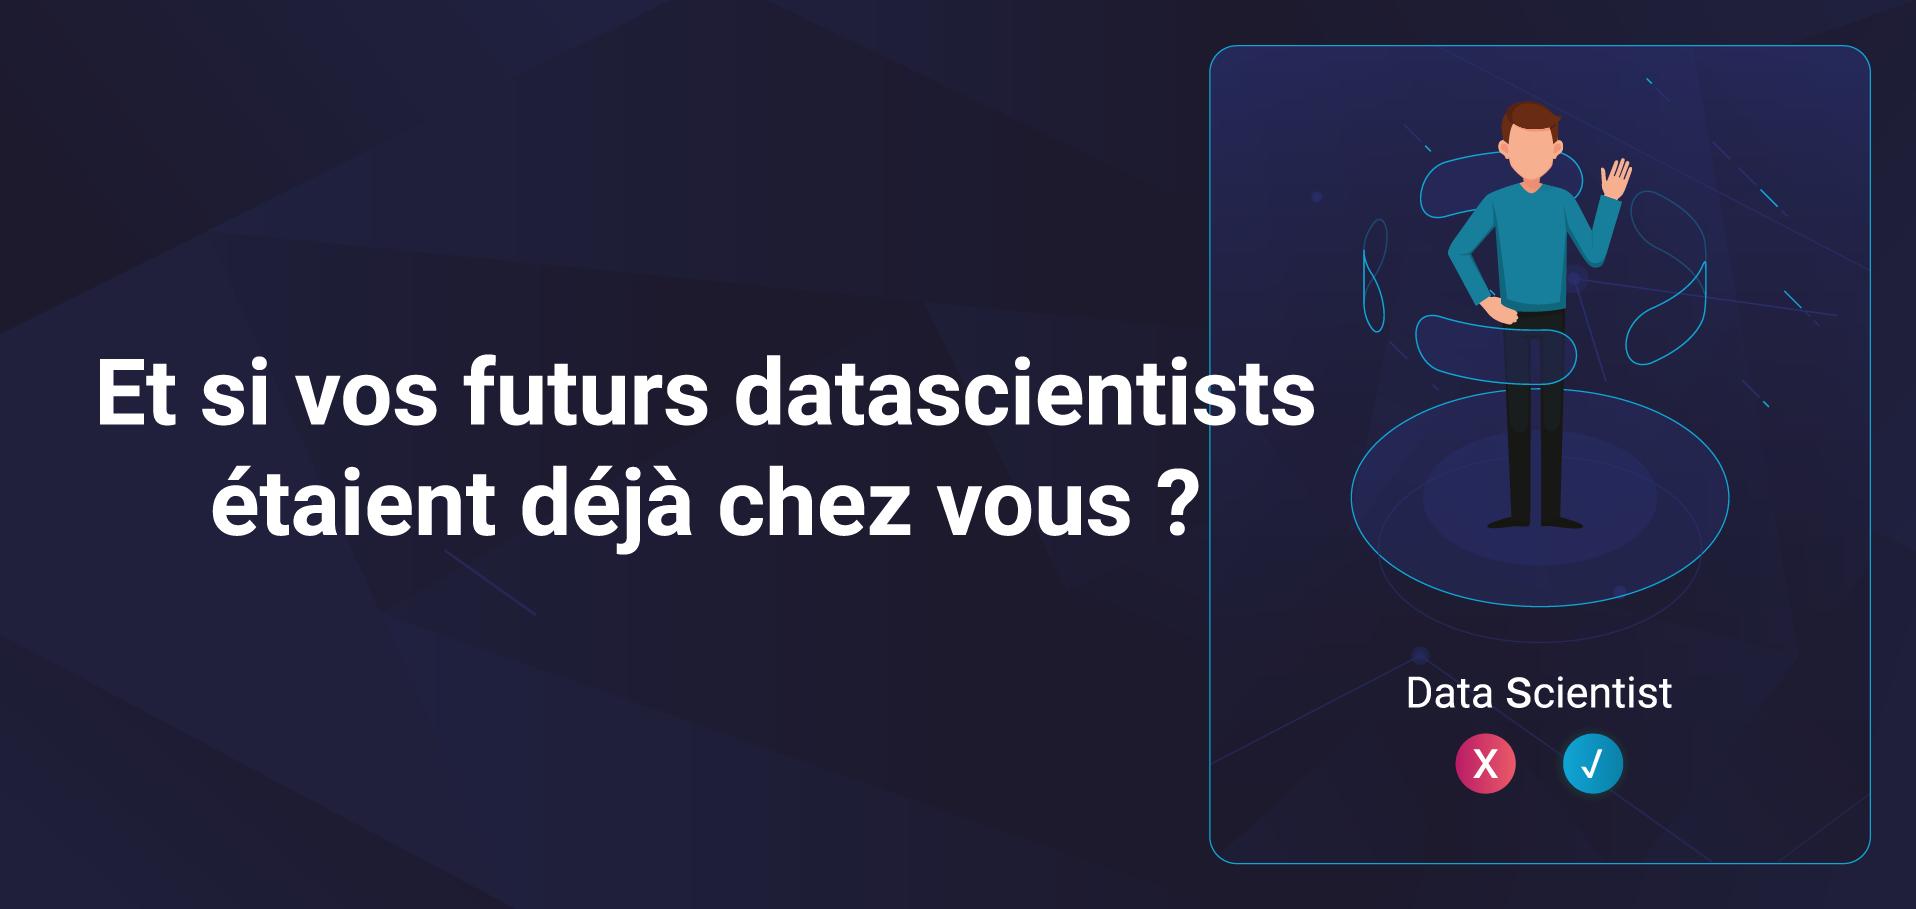 Webinar - Et si vos datascientists futurs étaient déjà chez vous